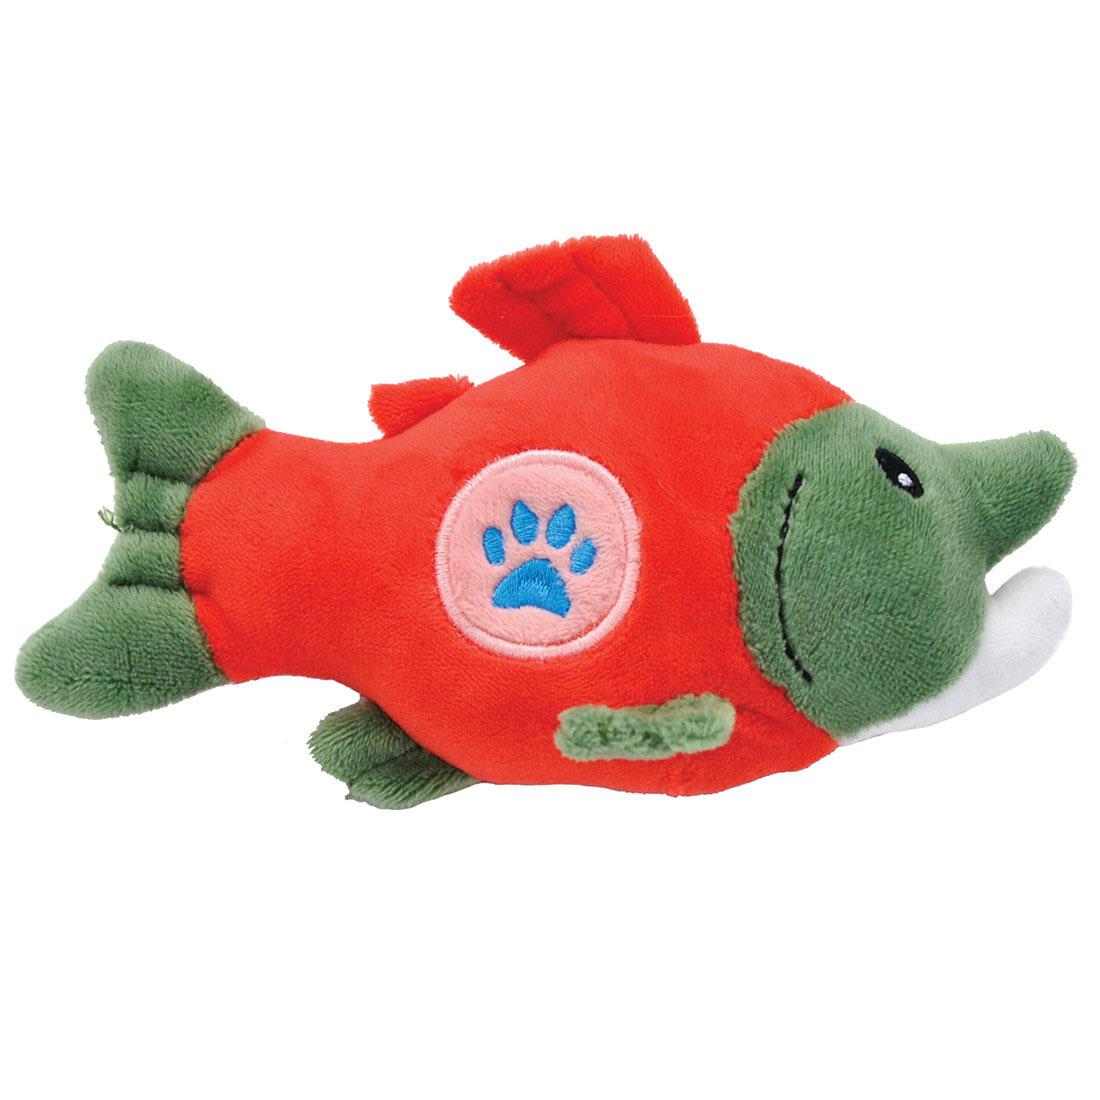 Li'l Pals Paw Salmon Plush Dog Toy, 5-in